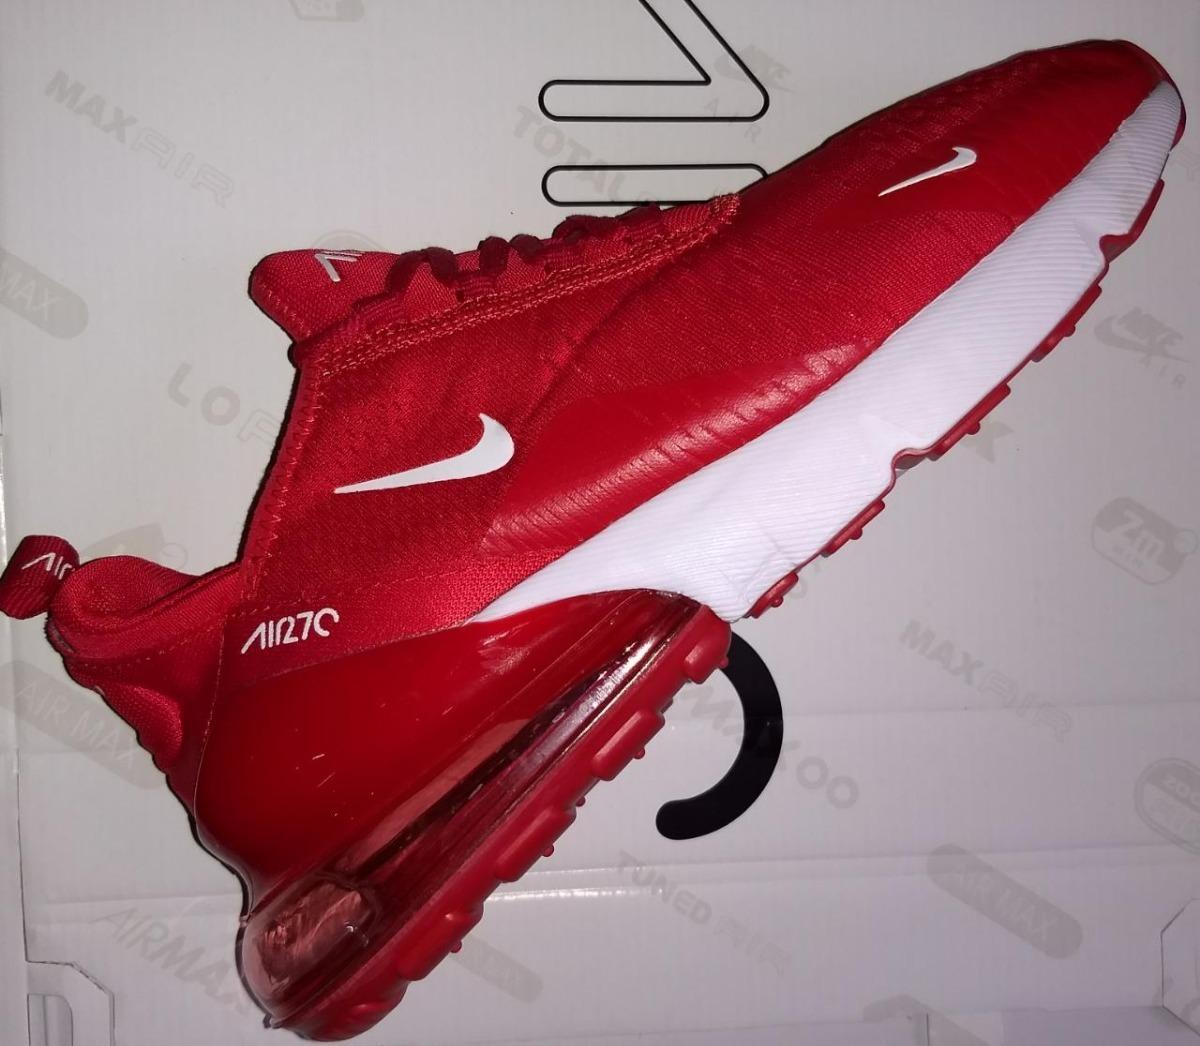 Nike Air Max 270 Red & White Caballero Con Envío Gratis!